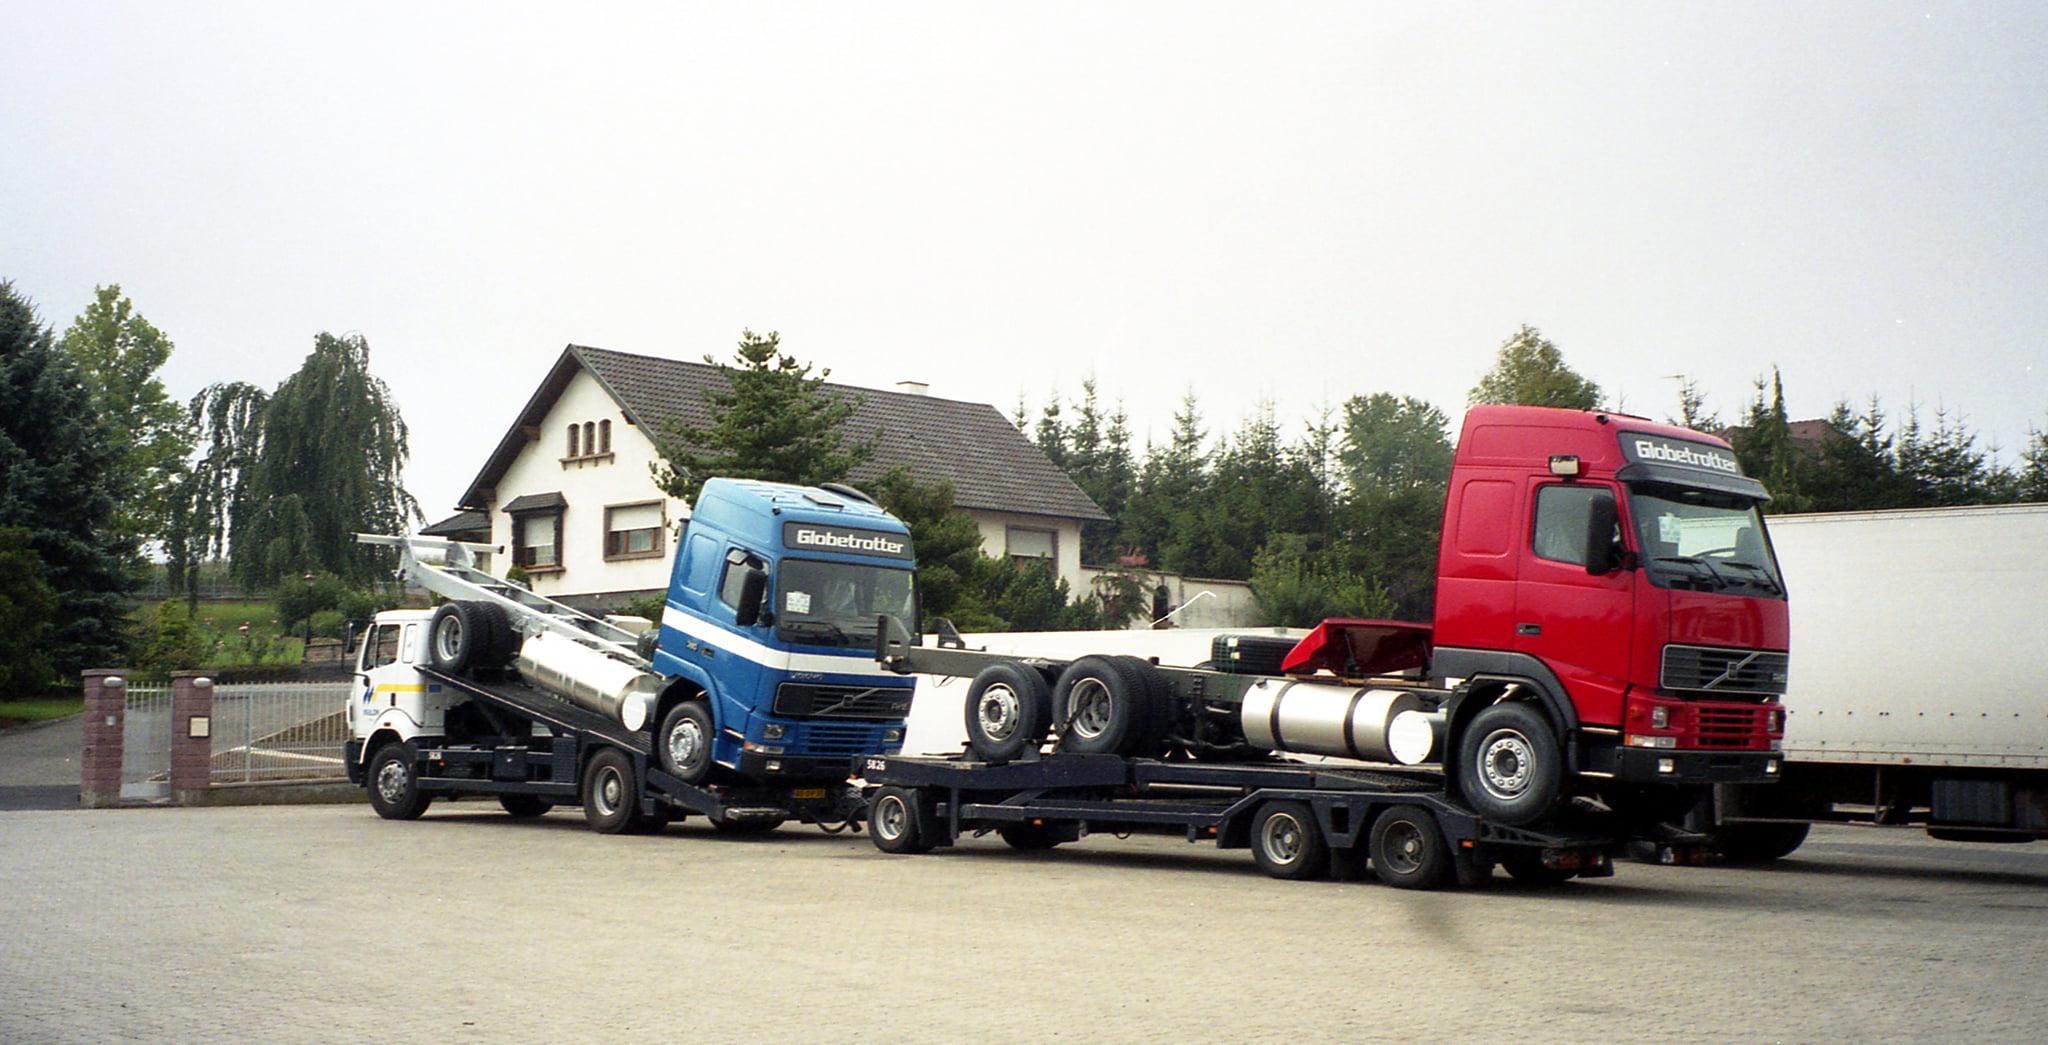 eind-2000-in-de-buurt-van-Mt-St-Michel-op-weg-naar-Phalsbourg--Ger-van-Vlimmeren-(5)